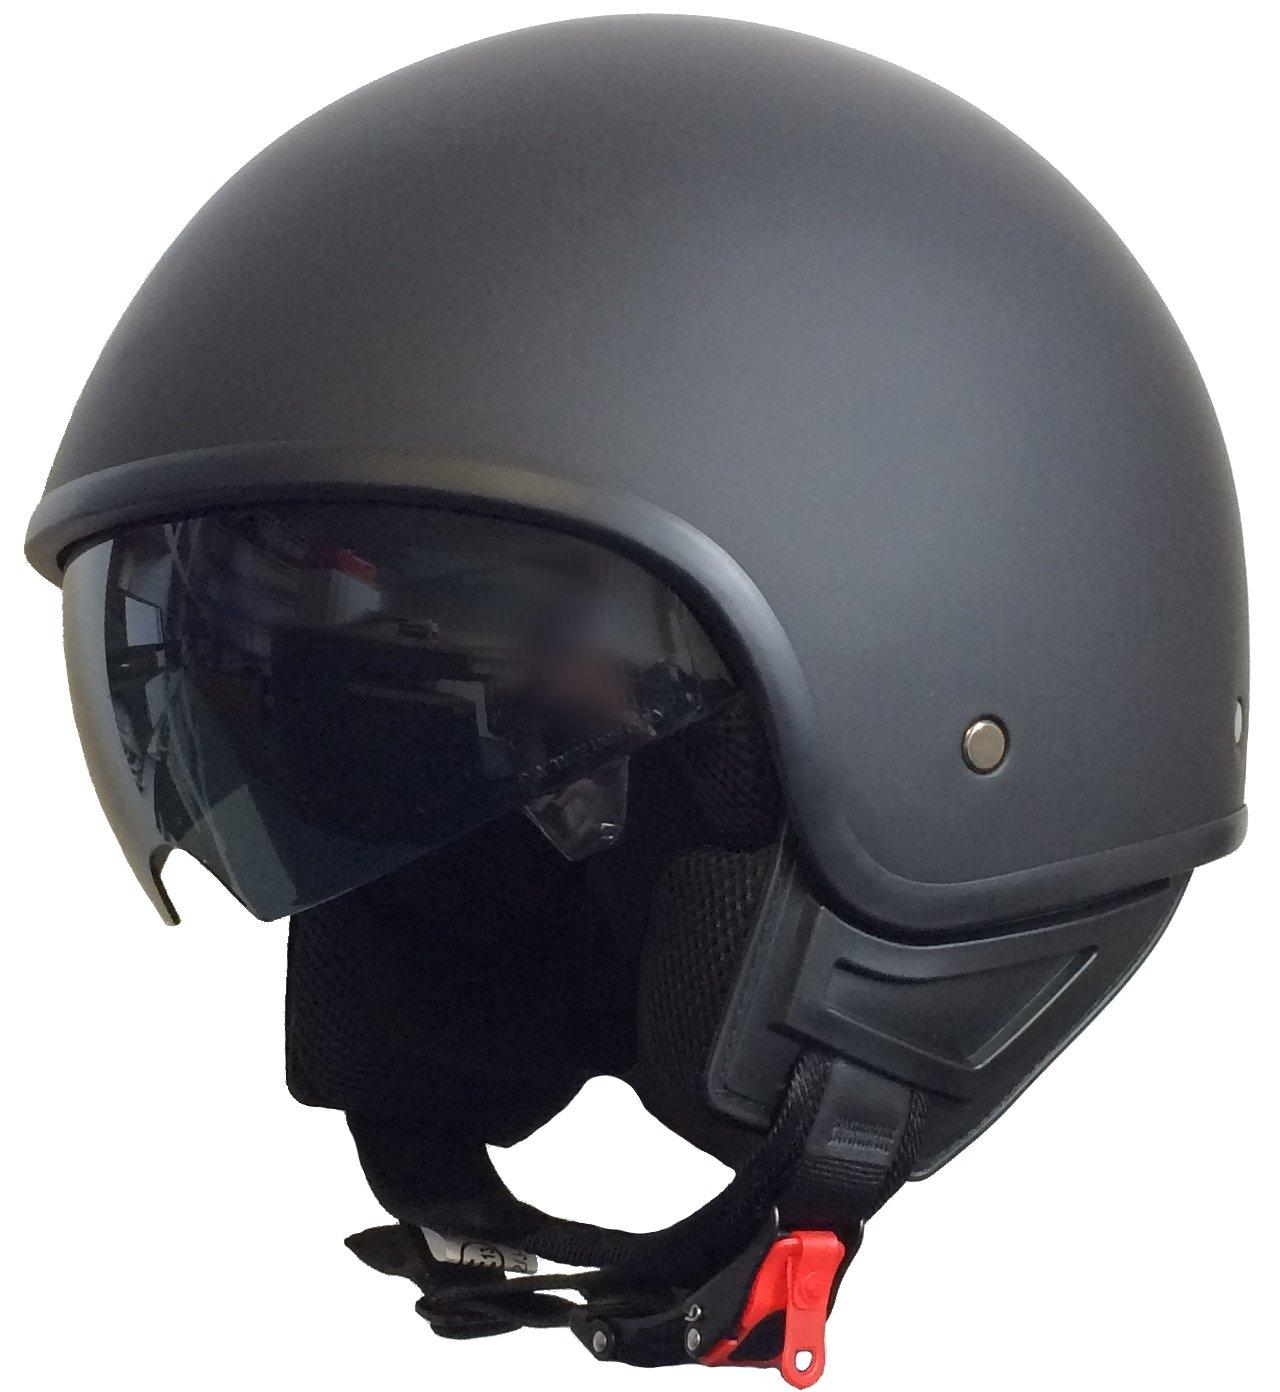 Rallox Helmets Casco da Moto Scooter Jet nero opaco Rallox 074 (XS S M L XL) Taglia: M 4260399262380